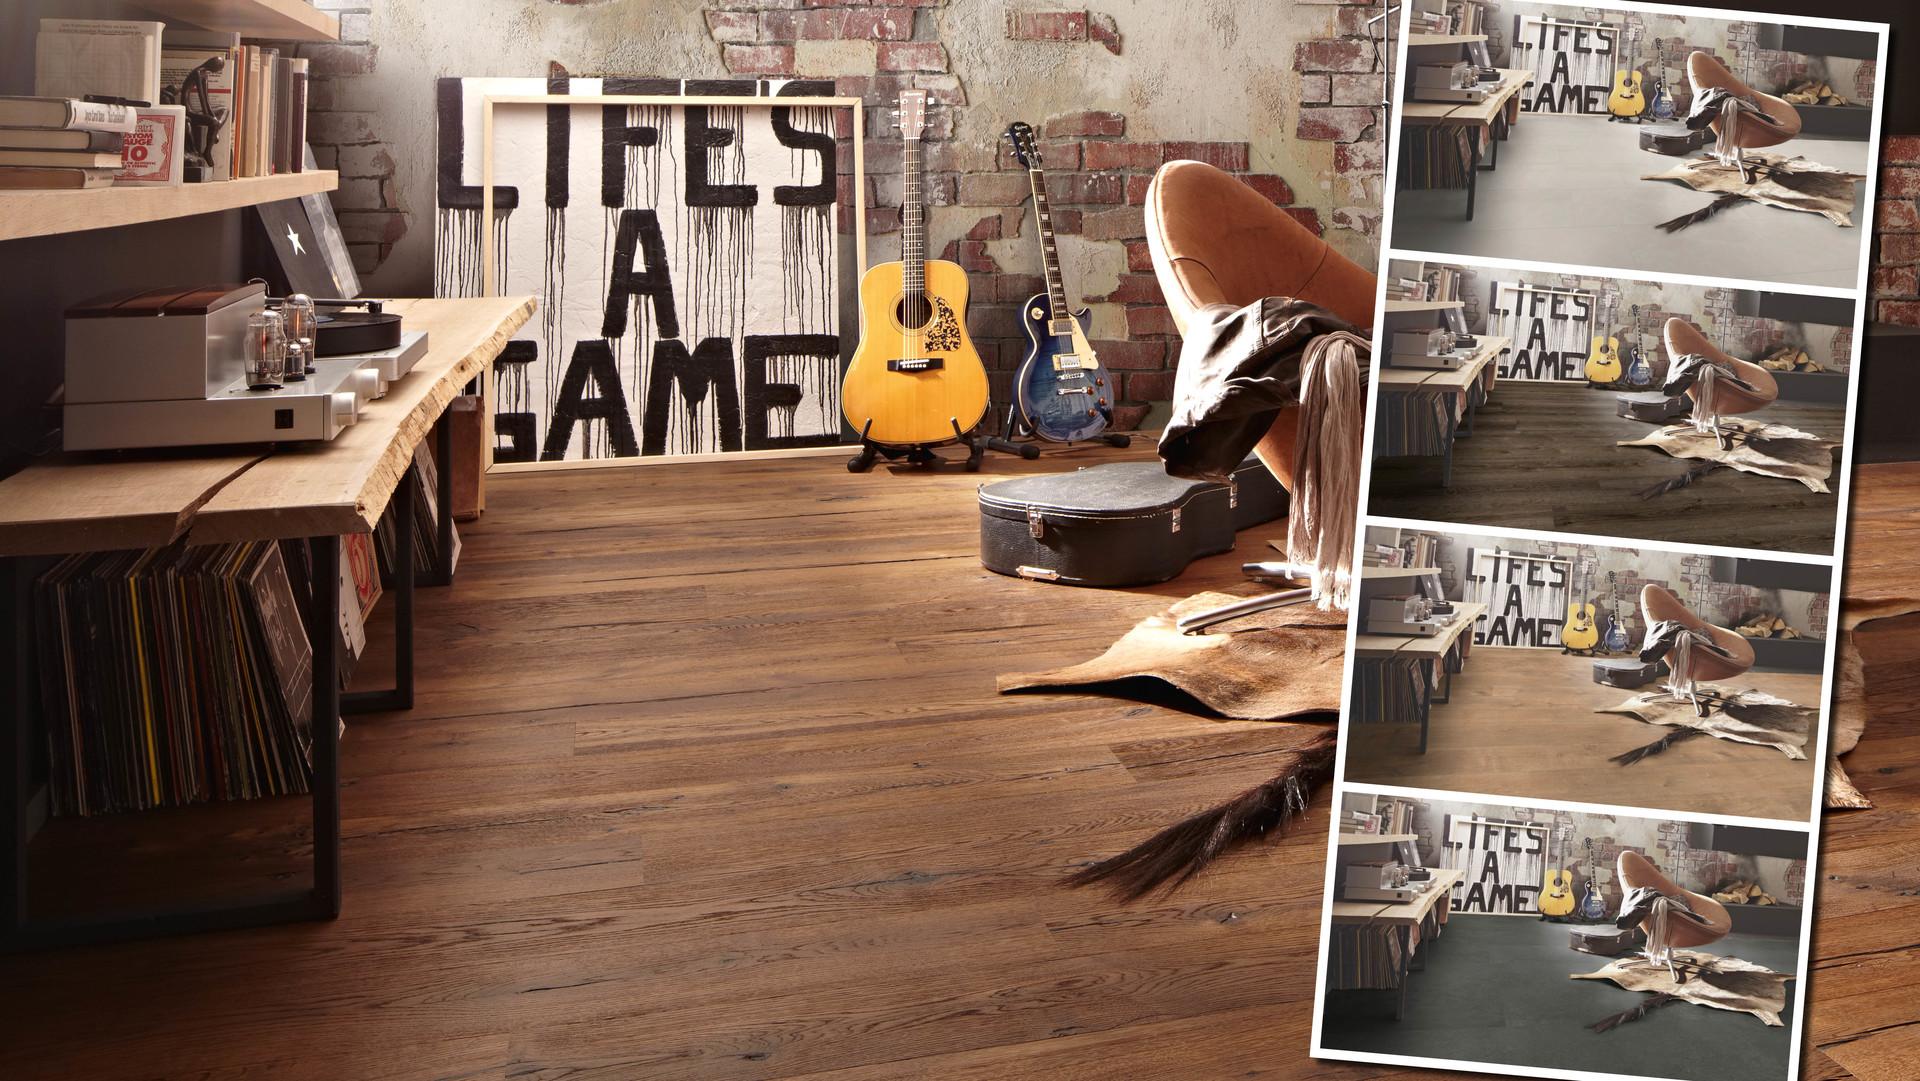 Dunkler Eiche-Parkettboden in großem Bildausschnitt, weitere Fußbodenarten und Farben in kleineren Bildausschnitten